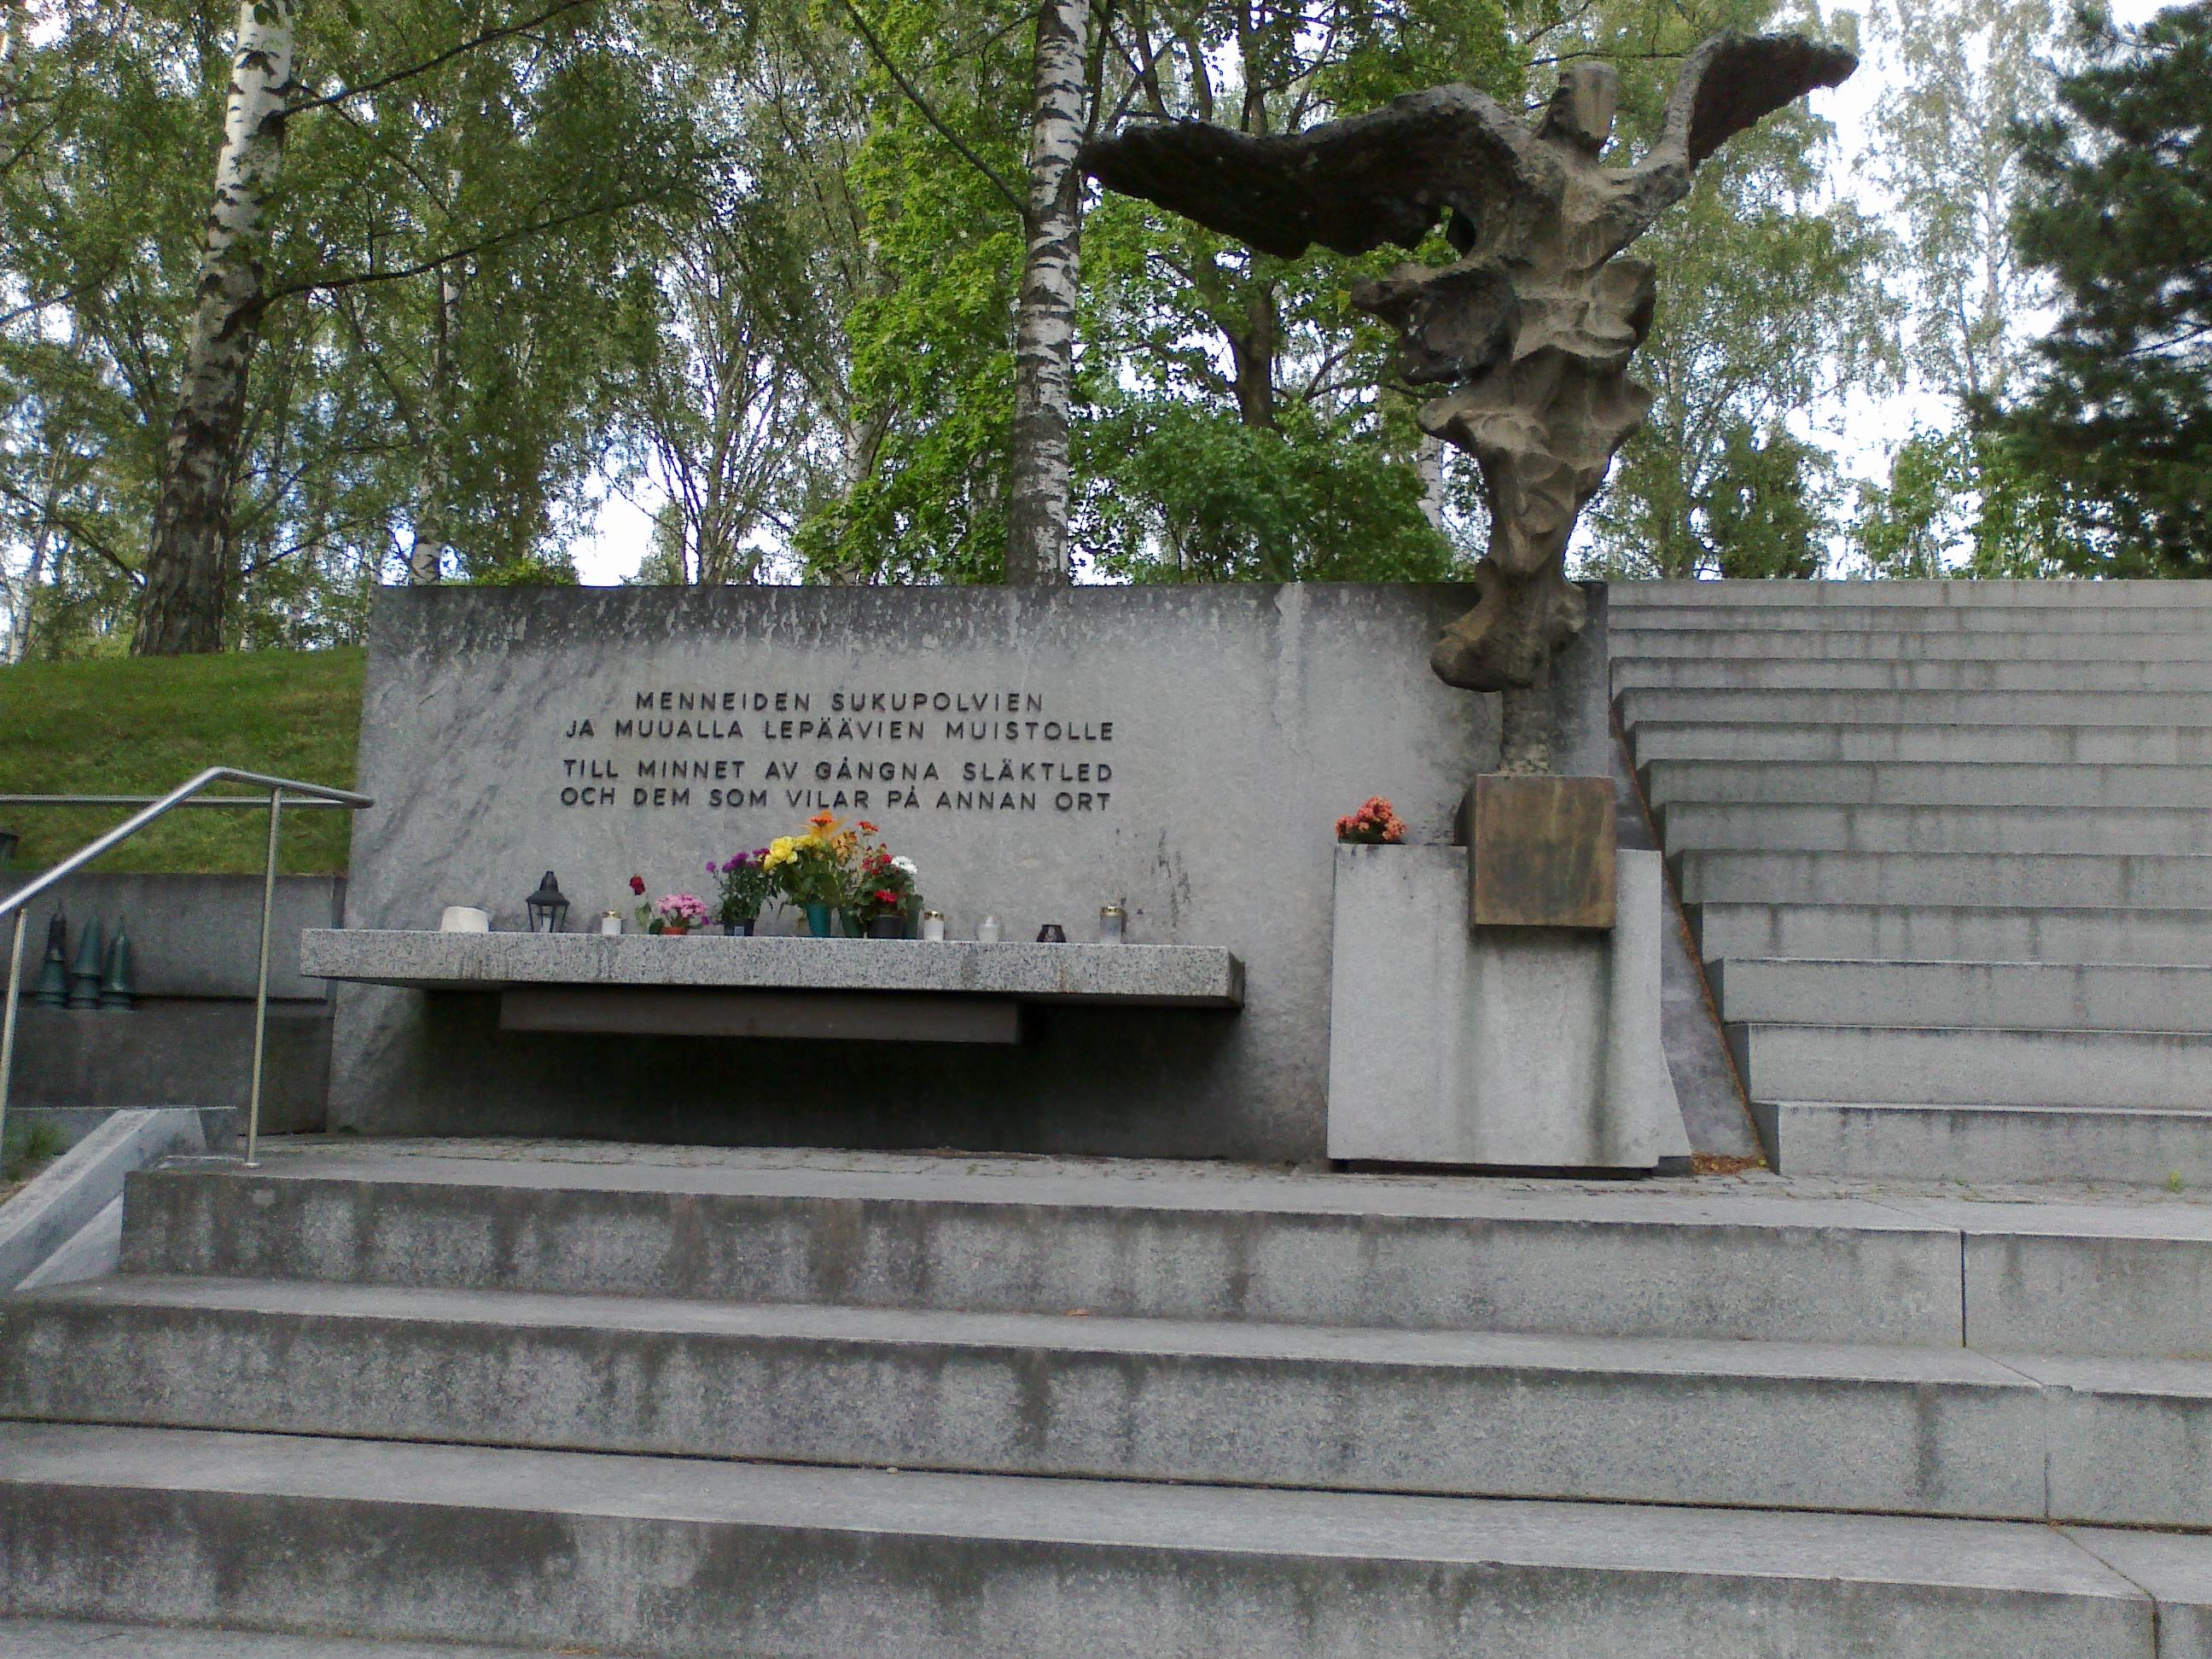 File:Menneiden sukupolvien ja muualla lepäävien muistomerkki, Hietaniemen hautausmaa.jpg ...